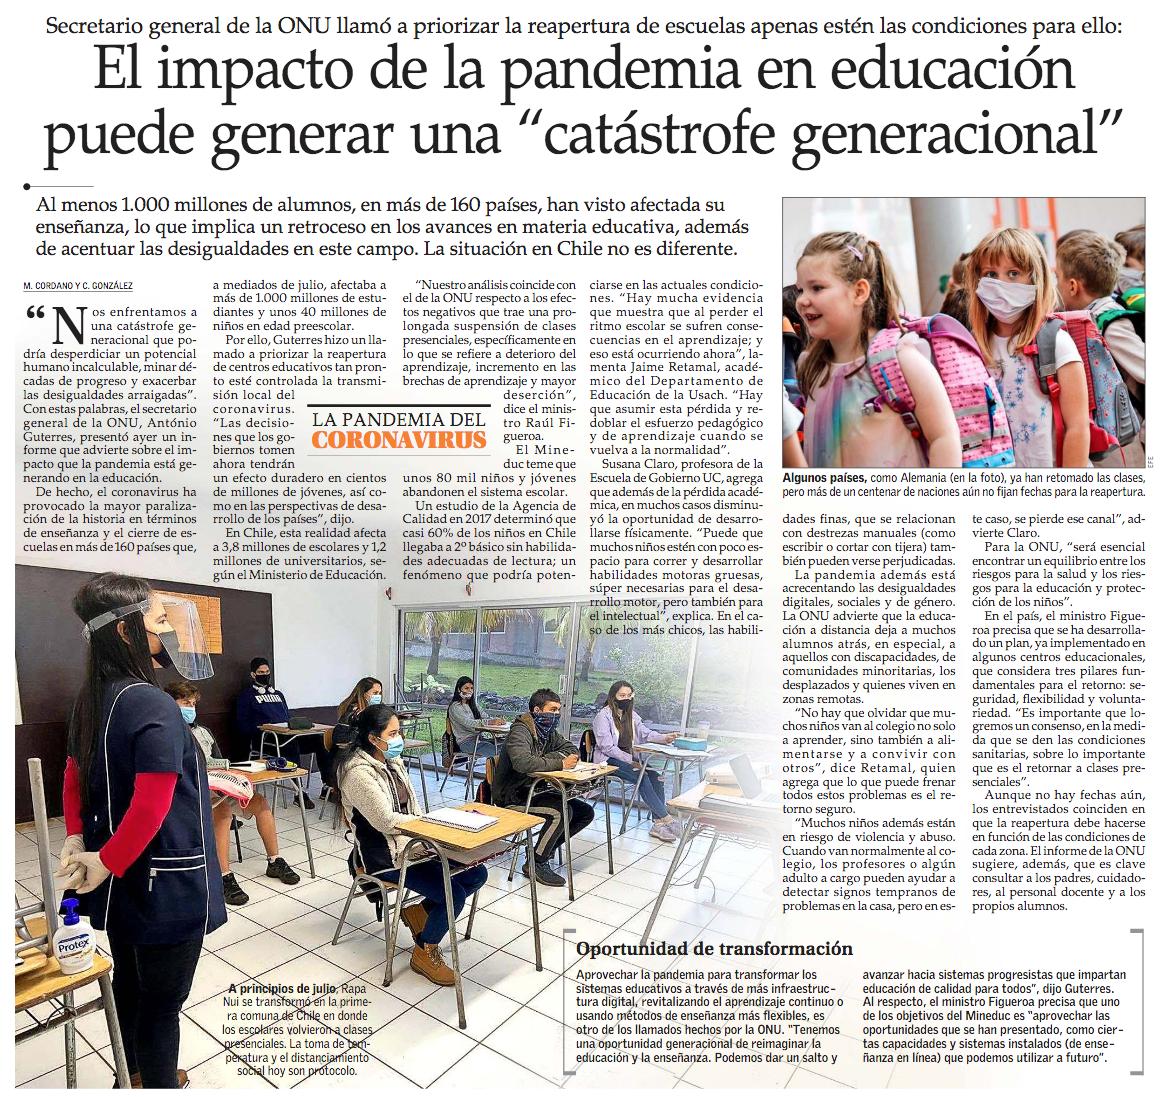 El secretario general de la ONU, António Guterres, presentó ayer un informe en el que advierte sobre el impacto que la pandemia está generando en la educación. Al menos 1.000 millones de alumnos, en más de 160 países, han visto afectada su enseñanza. #VCTElMercurio https://t.co/wYvlB47gWp